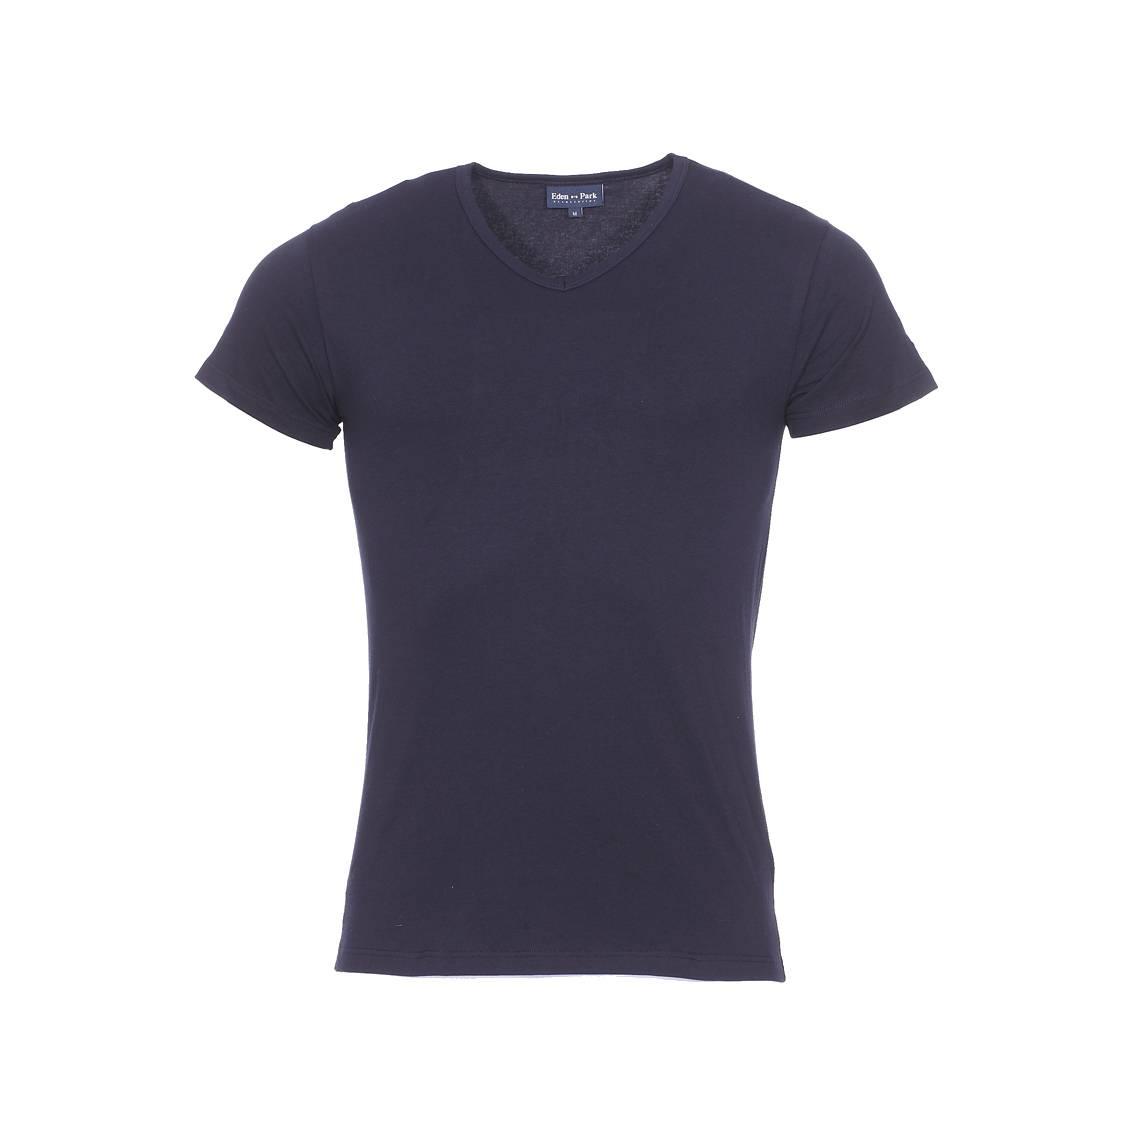 Tee-shirt col v eden park en coton stretch bleu